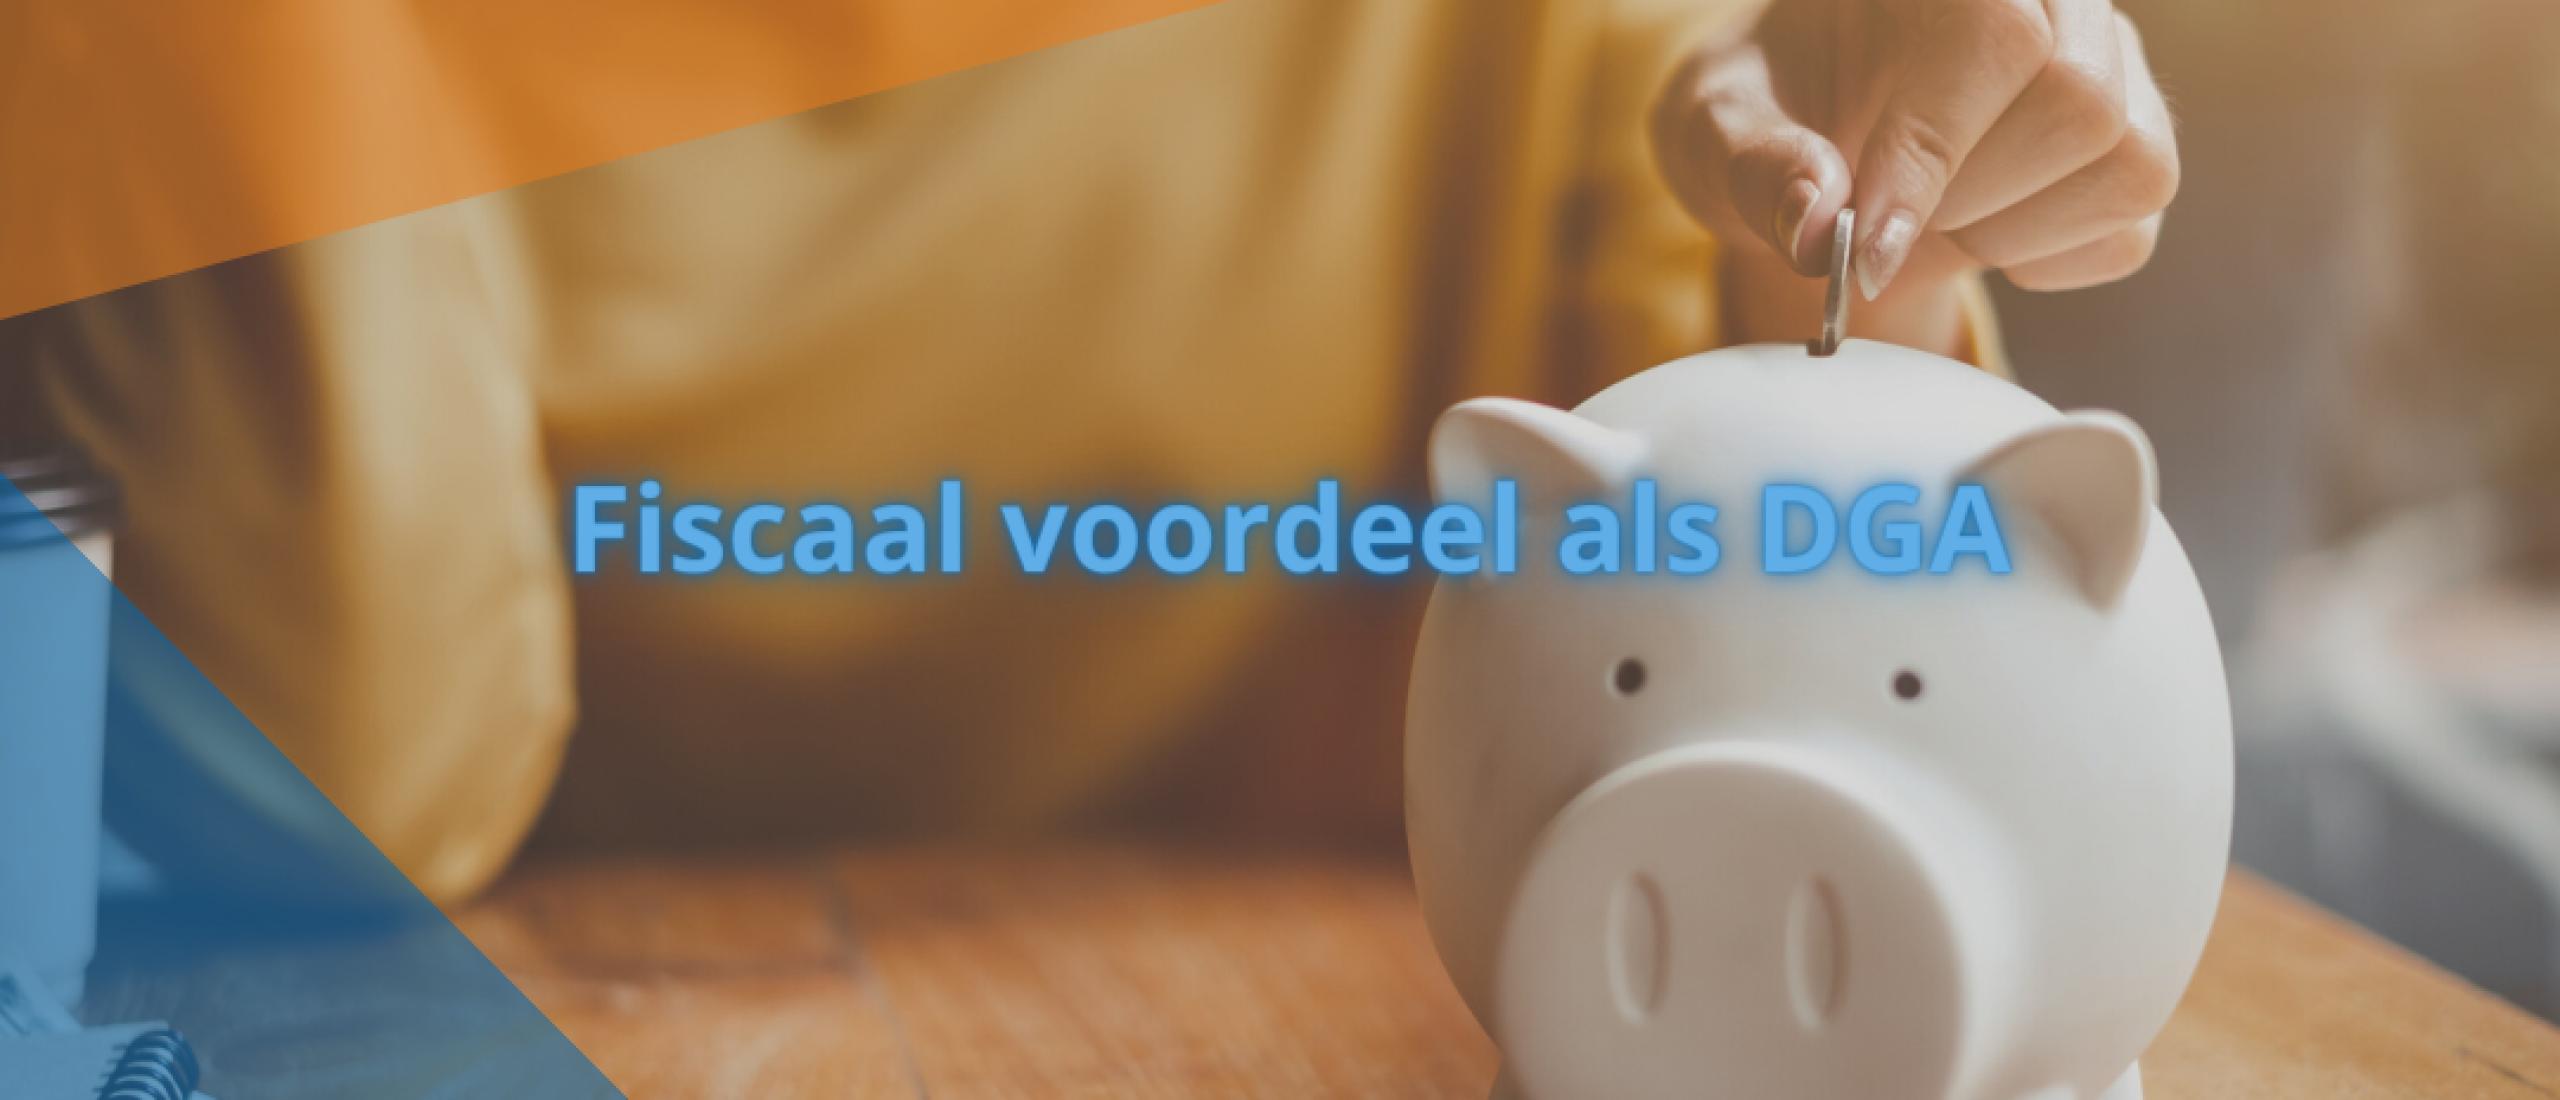 Fiscaal voordeel als DGA